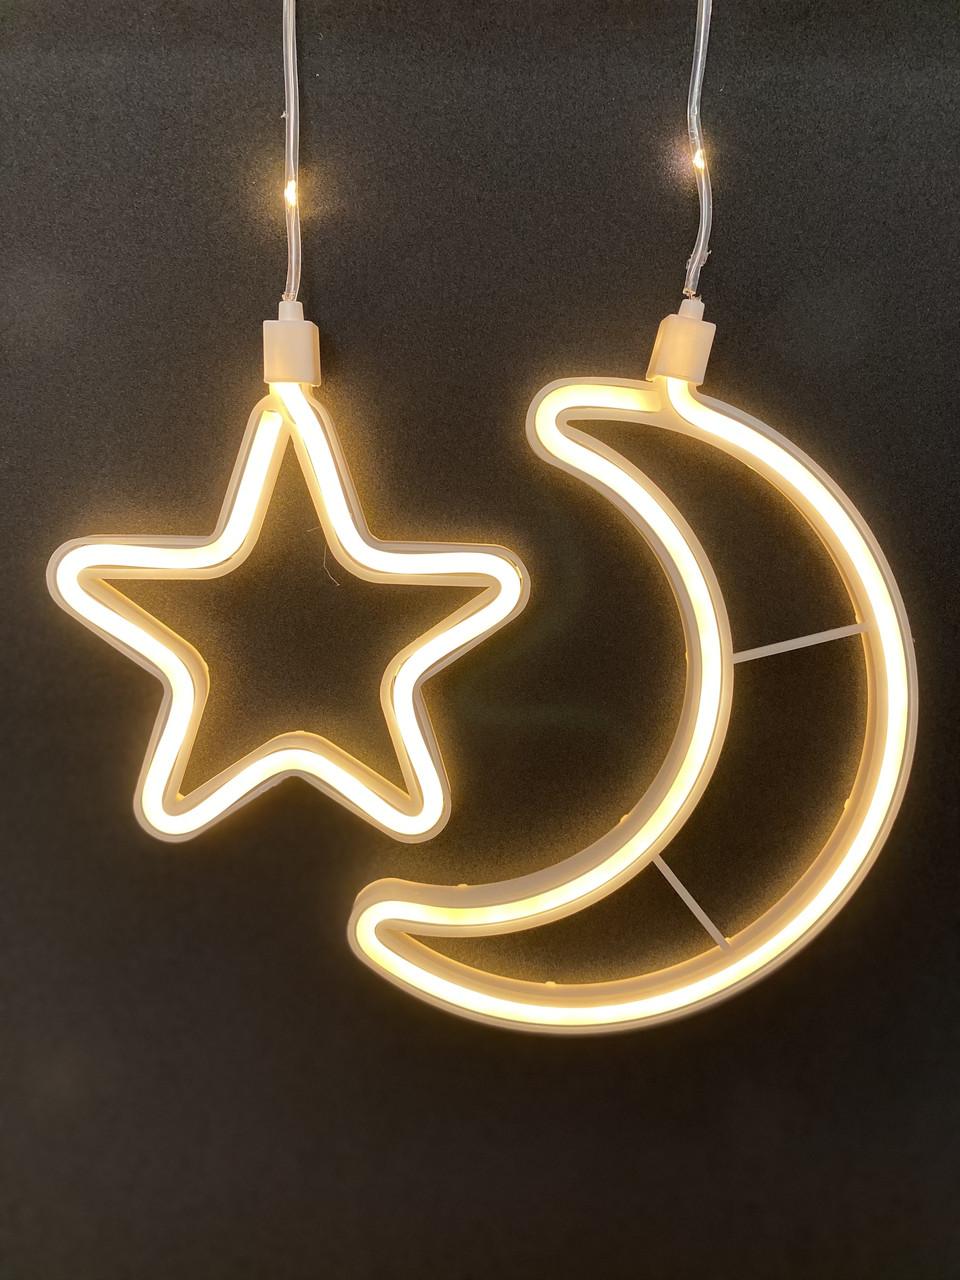 Светодиодная гирлянда Штора Звезда и Луна Теплый белый для украшения любого пространства